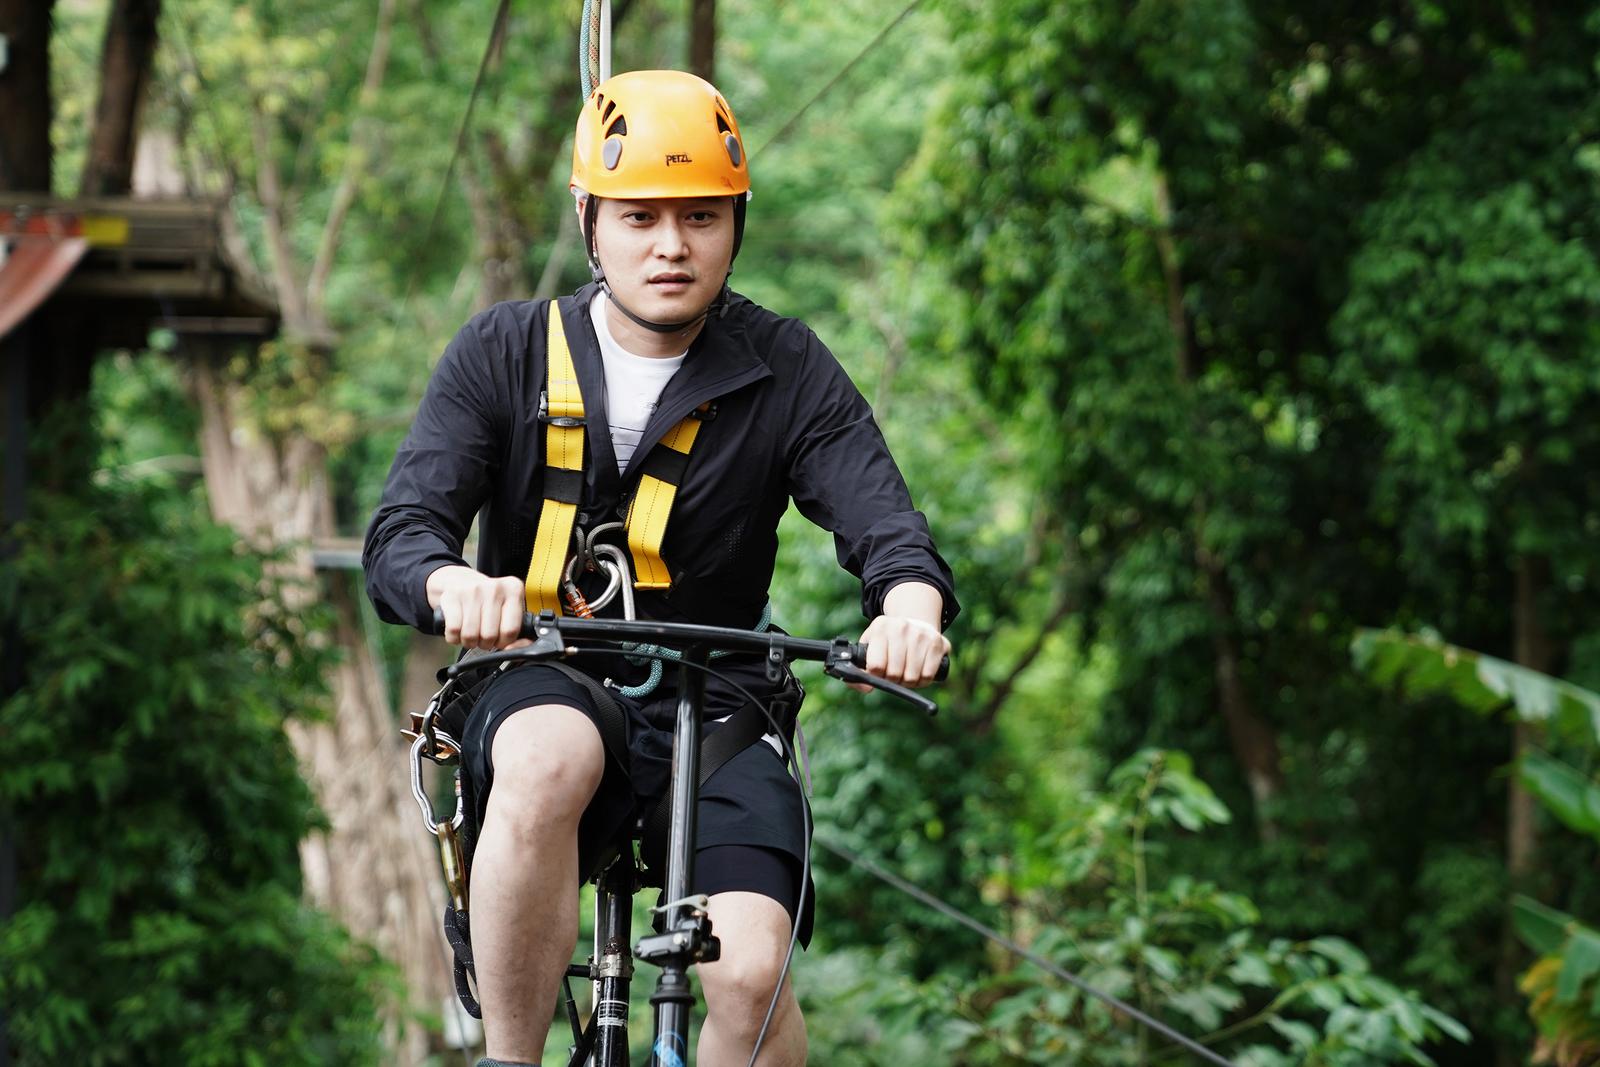 Ca sĩ Quang Vinh thử sức với trò đạp xe đạp trên dây băng qua vực sâu. Ảnh: Nguyễn Minh Tuấn.